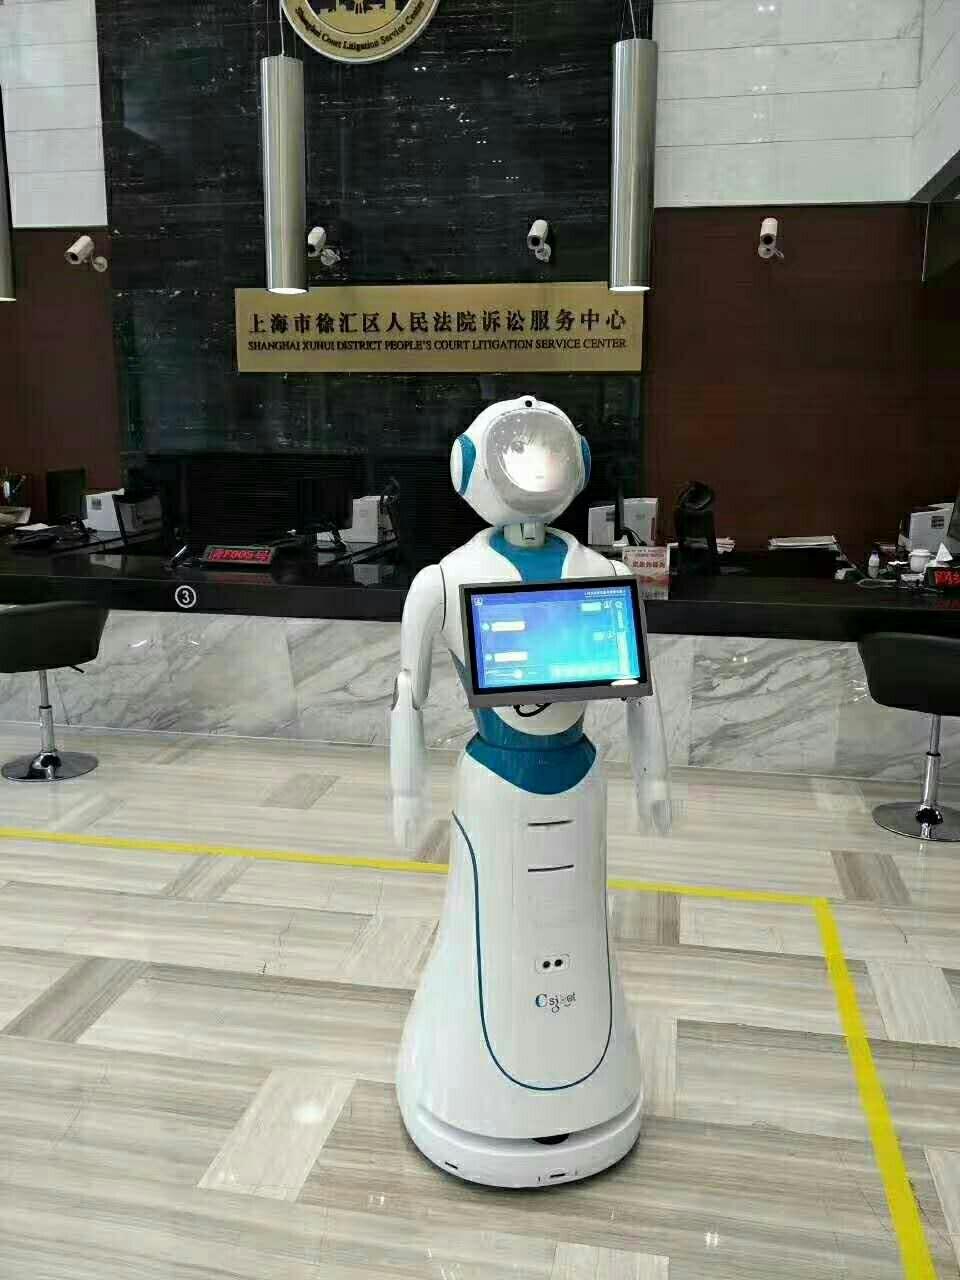 太阳集团娱乐网址蒲西区智之翔智能科技有限公司